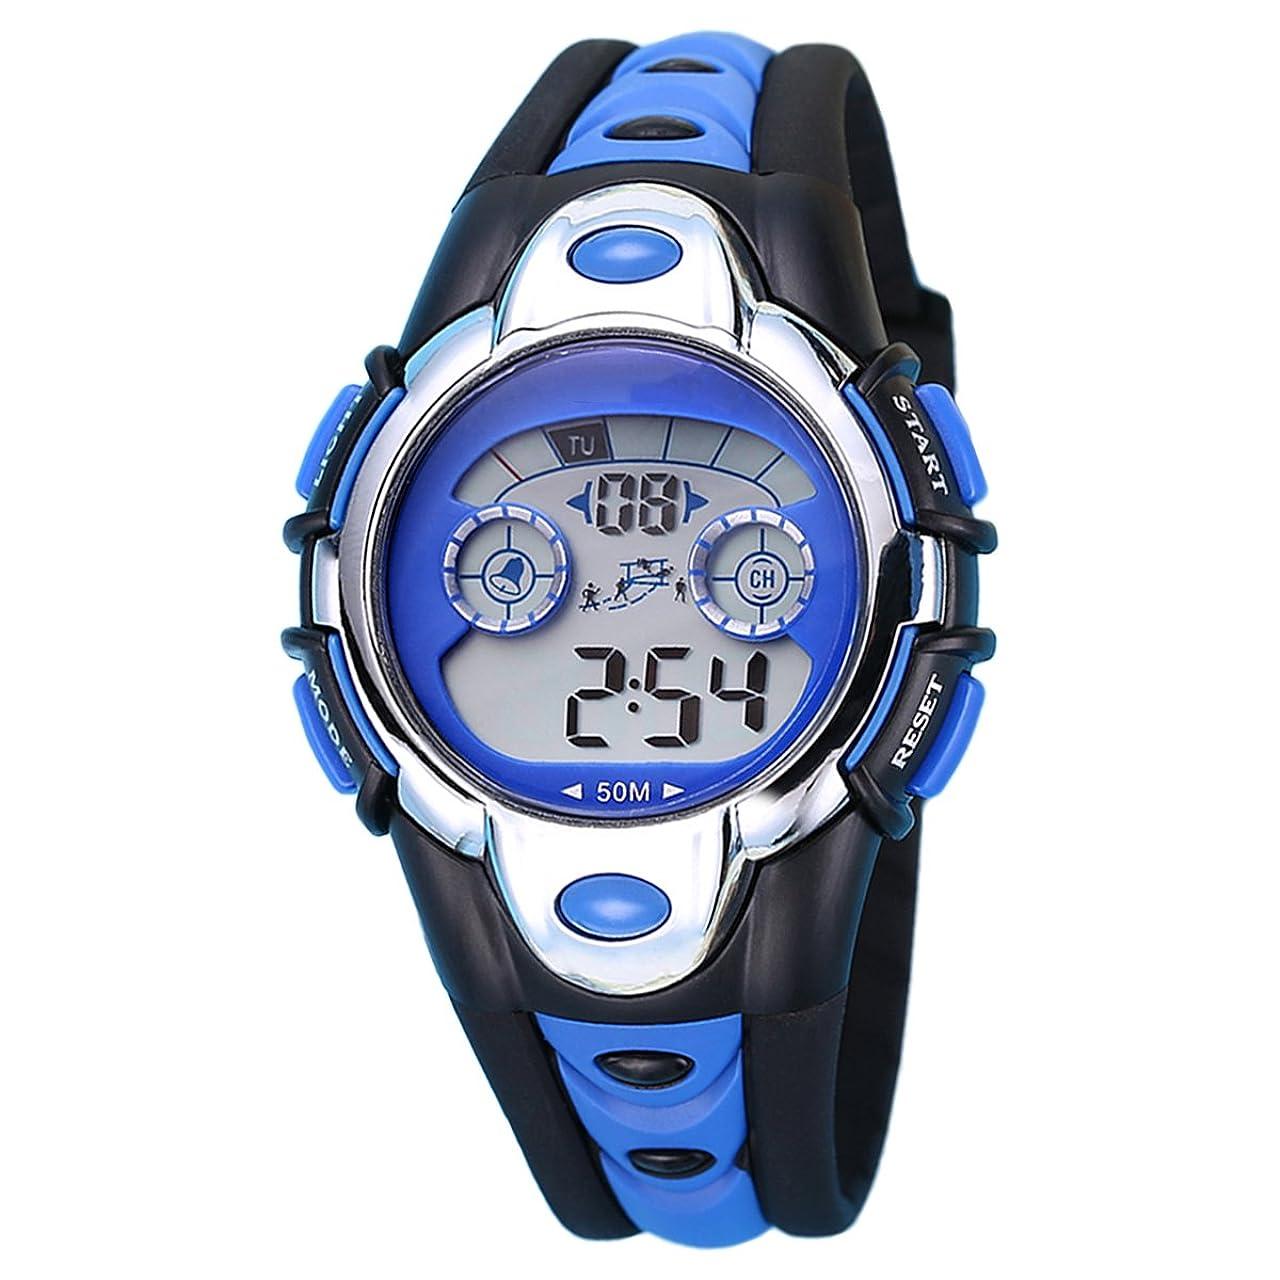 常習者懐疑論怪しい男の子のスポーツデジタル腕時計キッズアウトドア防水電子時計LEDアラームストップウォッチ (ブルー)